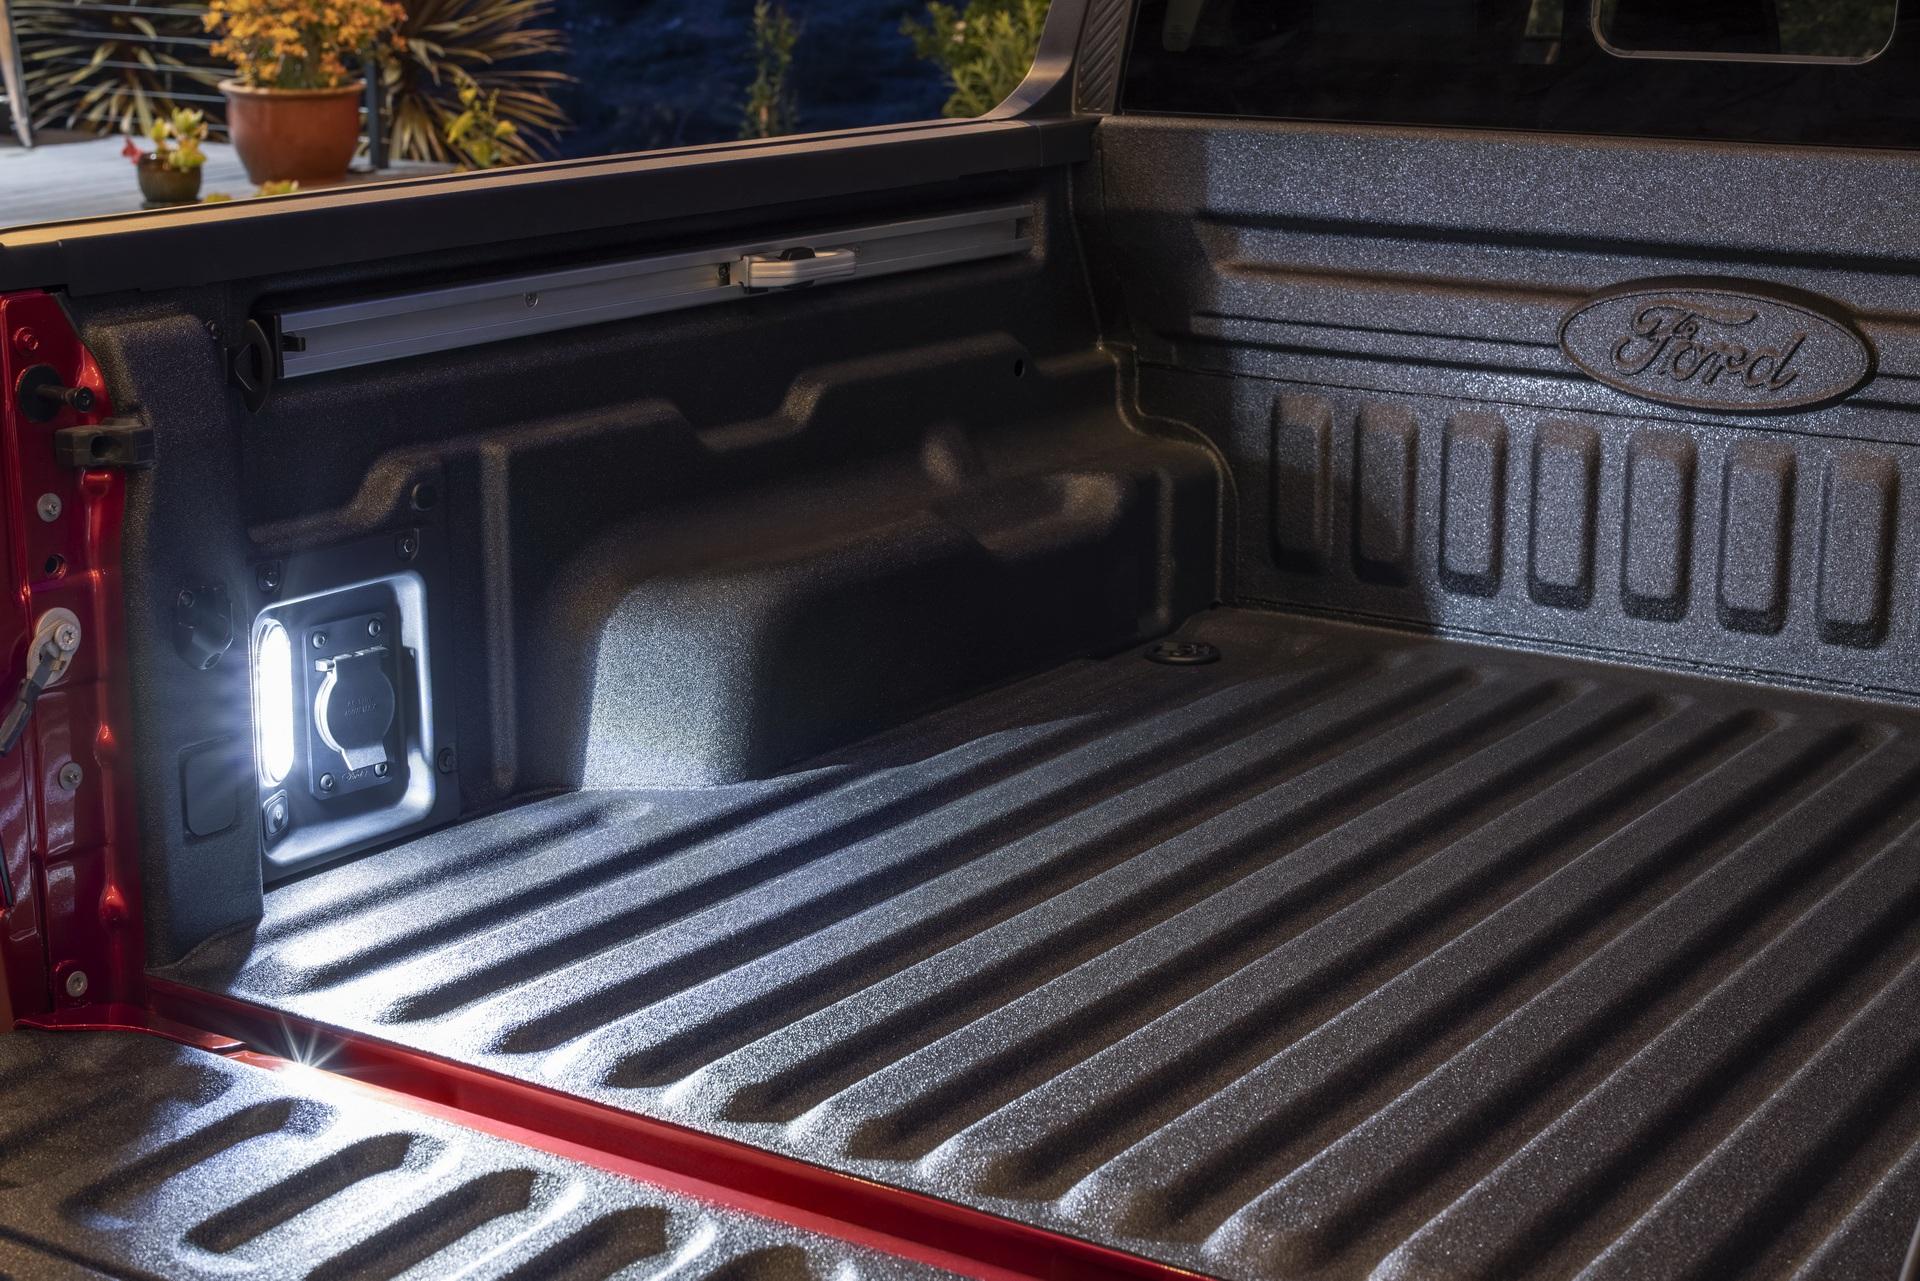 Ford ra mắt mẫu xe bán tải Maverick nhỏ hơn Ranger - 12